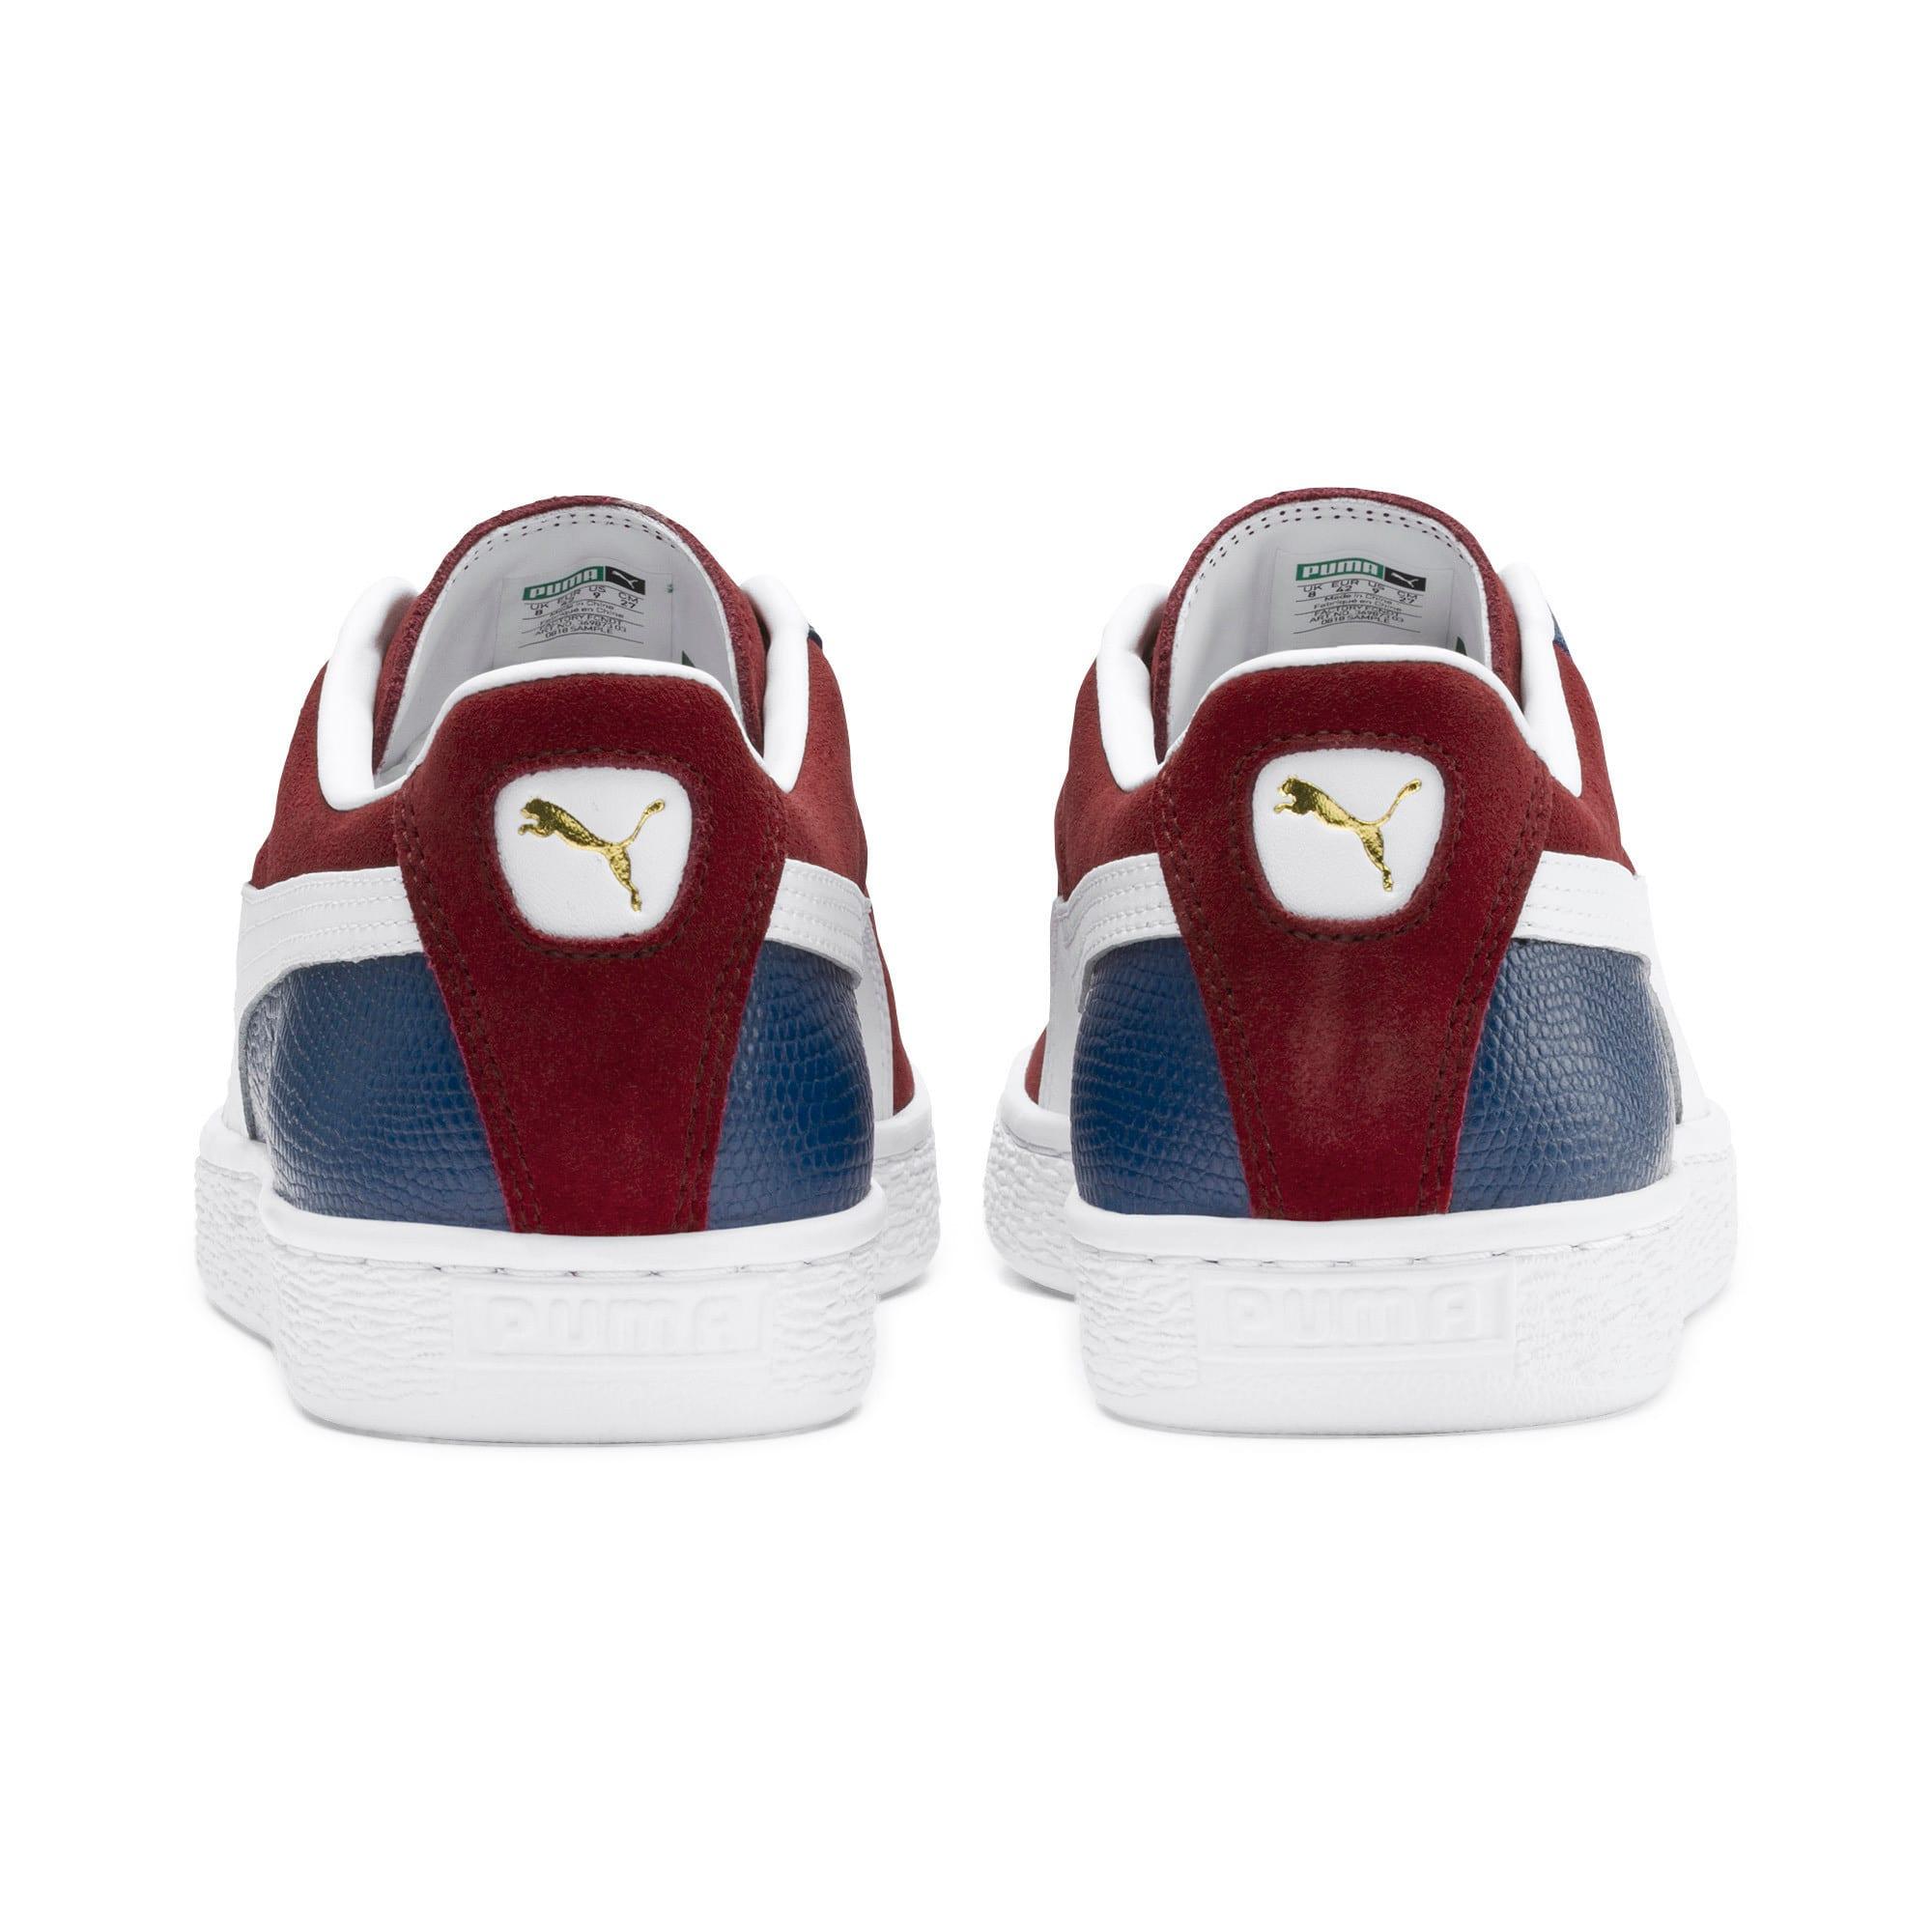 Miniatura 4 de Zapatos deportivos Suede Classic Block, Rhubarb-Azul-Blanco, mediano